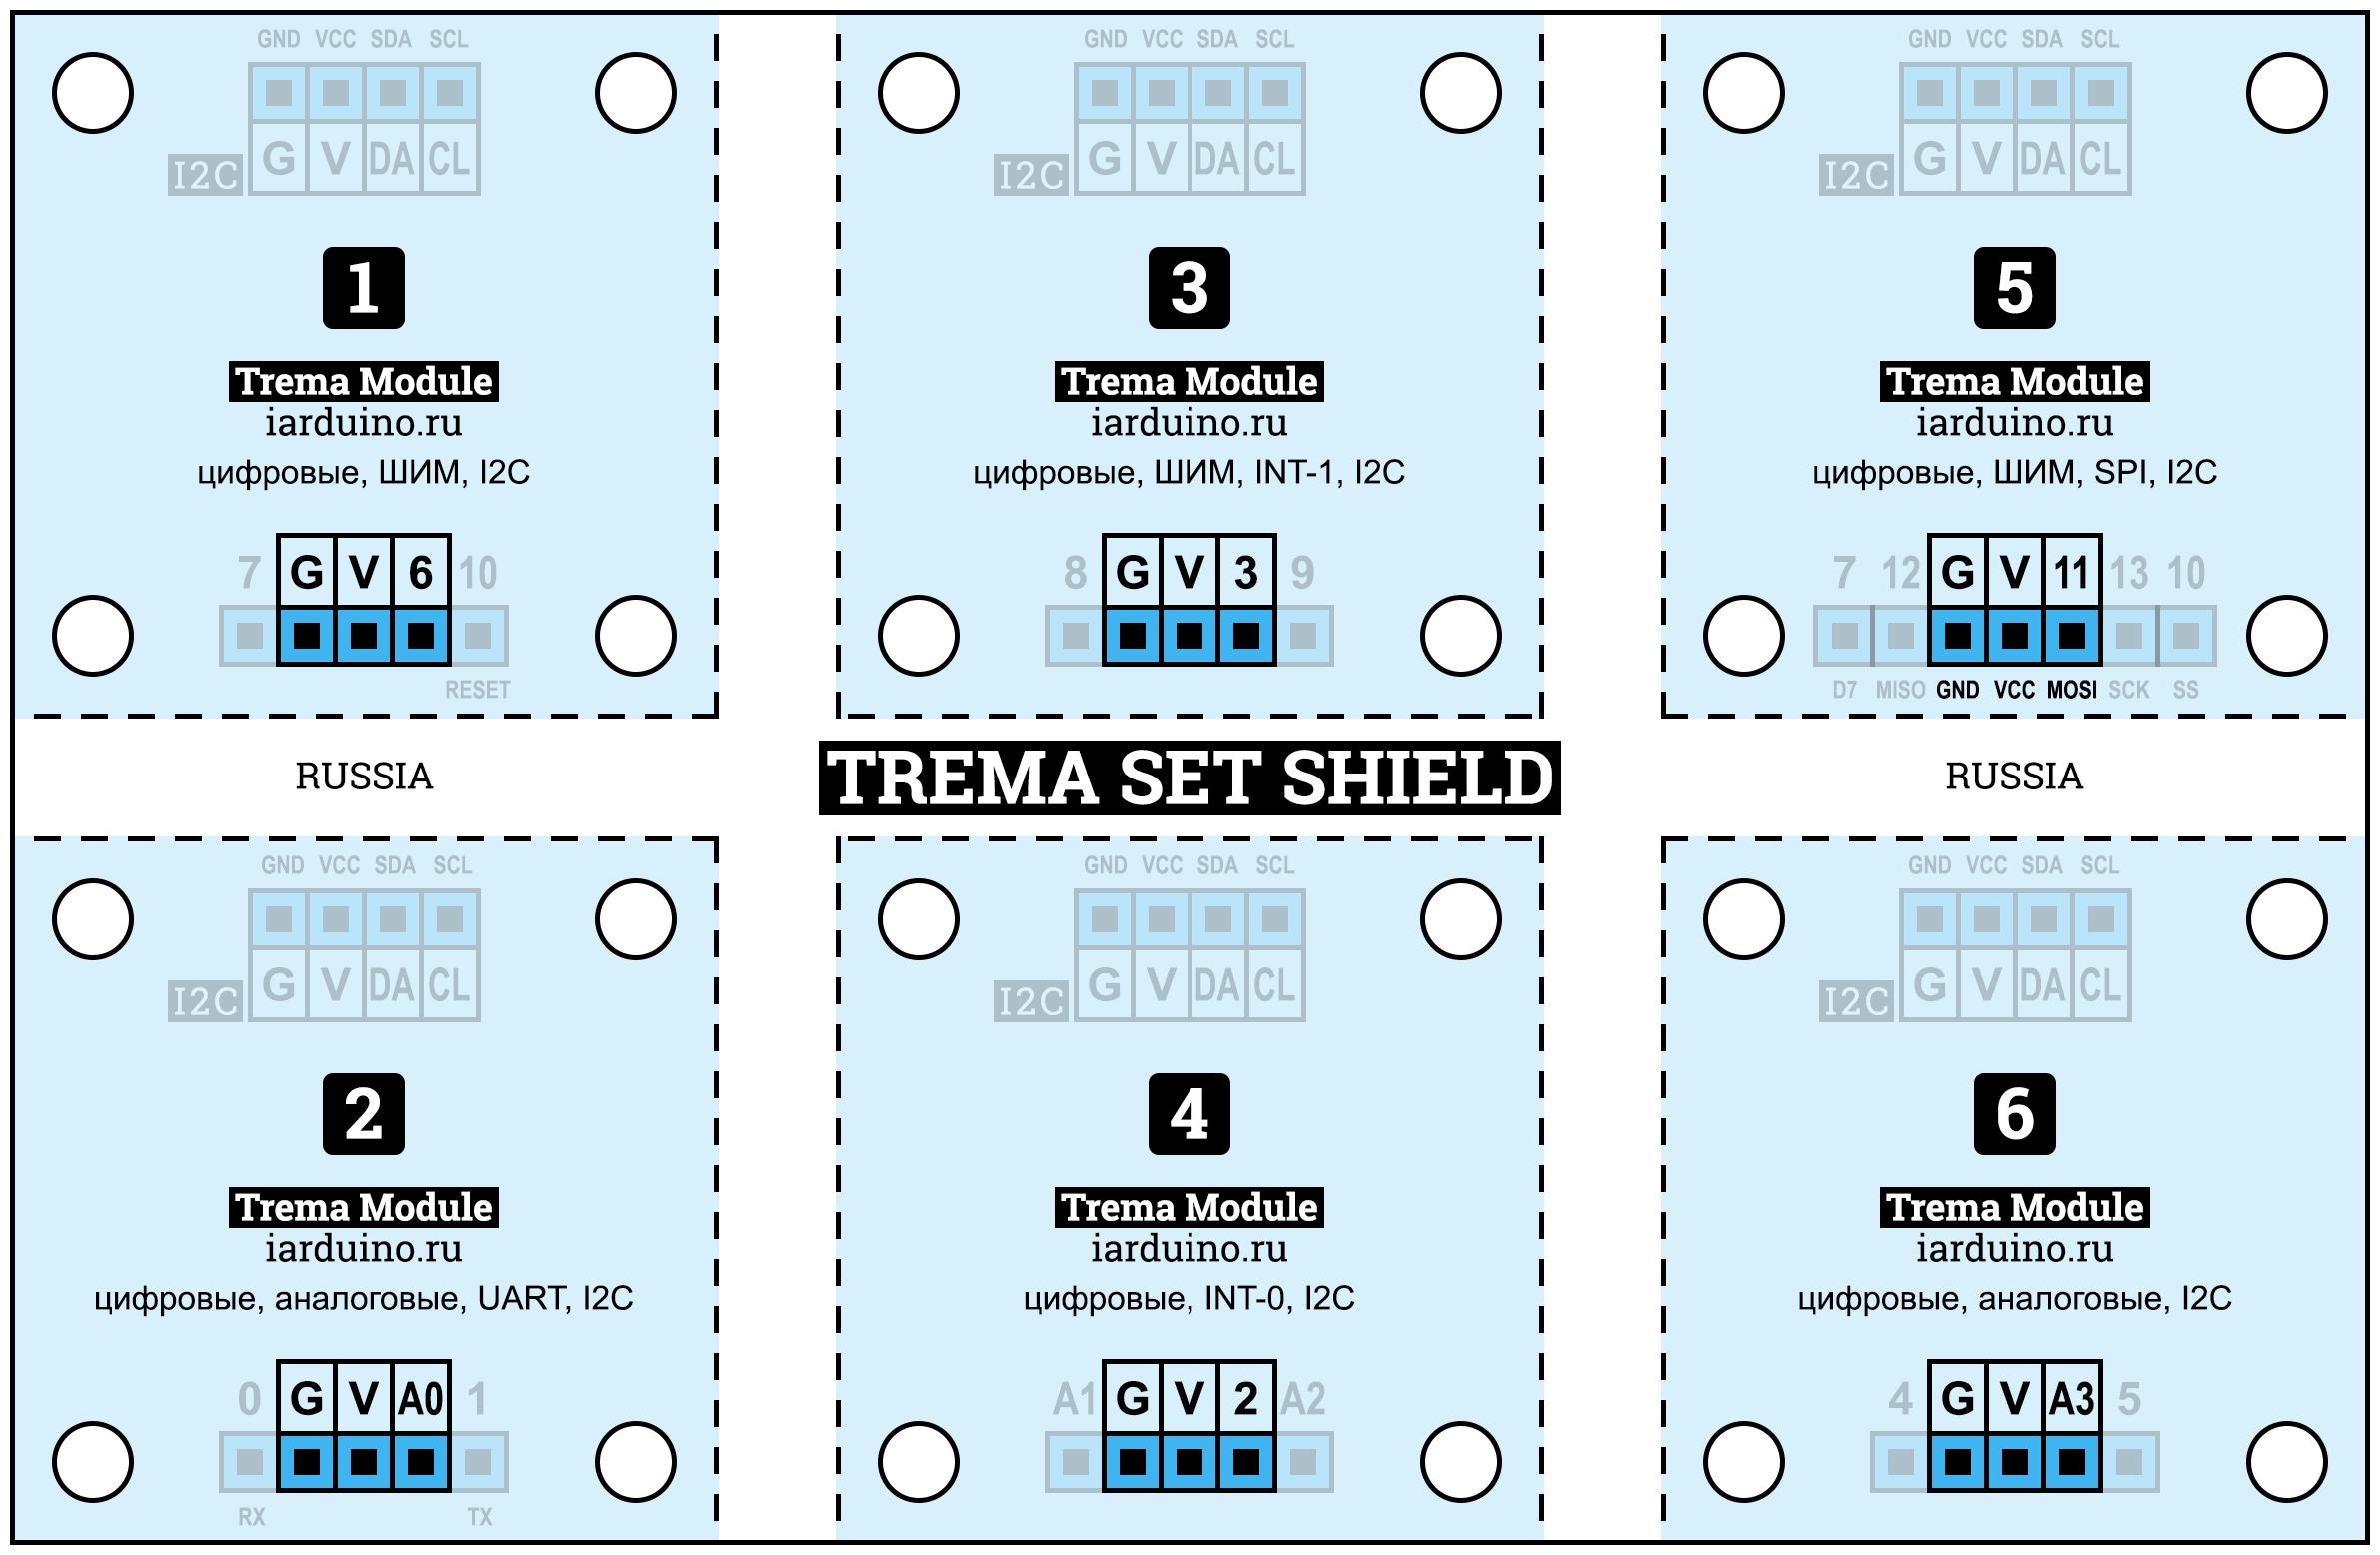 Схема подключения цифровых модулей с 3 выводами к Trema Set Shield